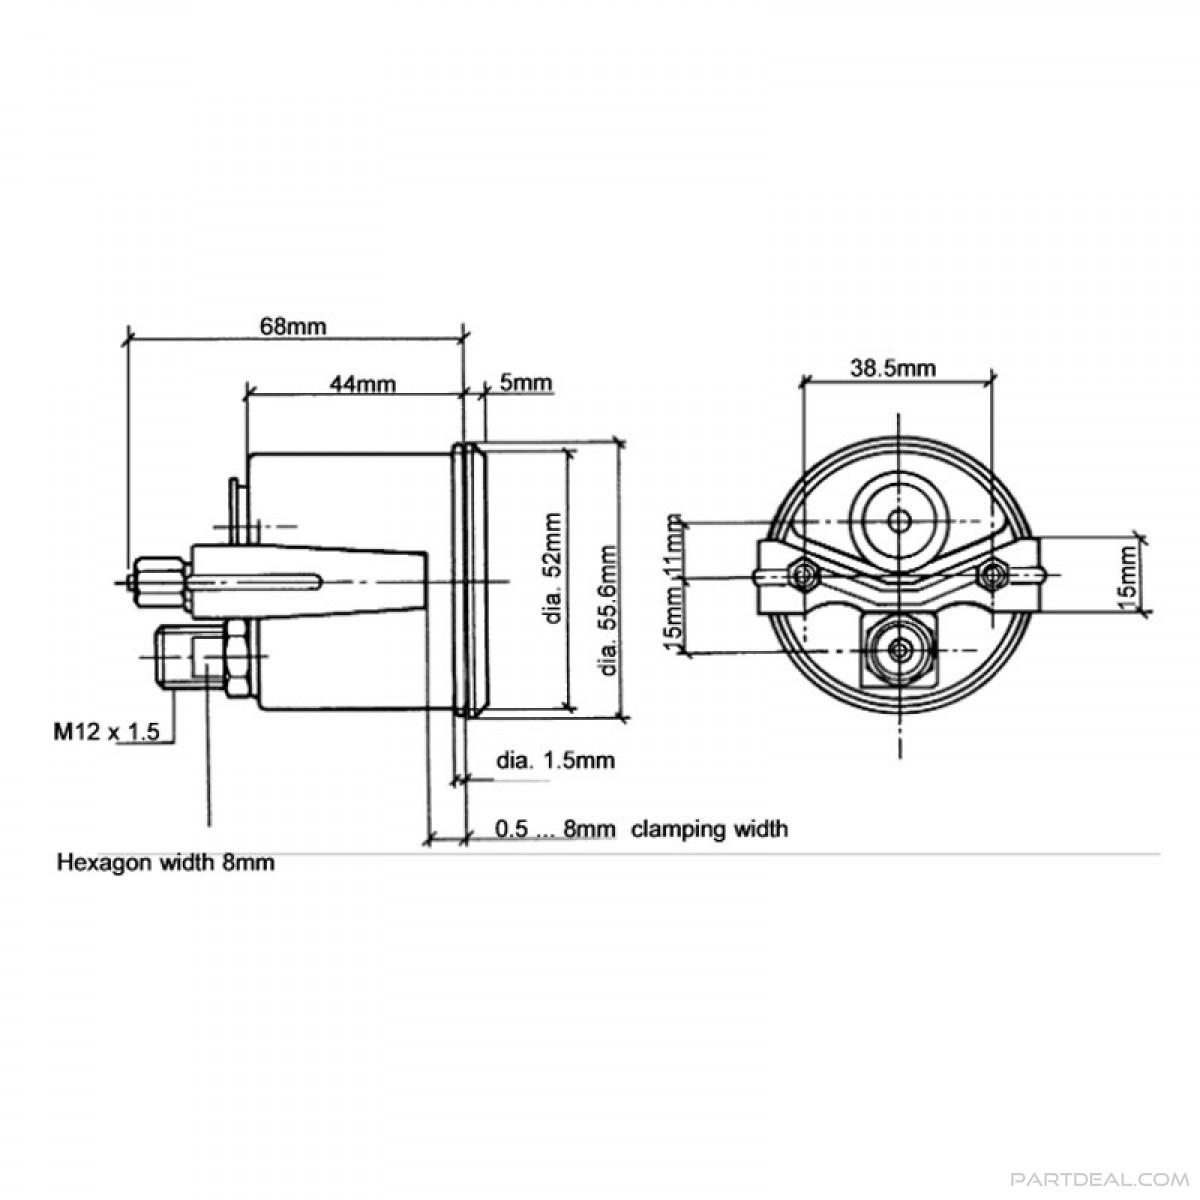 [DIAGRAM_38ZD]  TX_7521] Vdo Oil Pressure Sending Unit Wiring Diagram Wiring Diagram | International Oil Pressure Sending Unit Wiring Diagram |  | Urga Ologi Dhjem Obenz Sapre Lious Anth Vira Mohammedshrine Librar Wiring  101